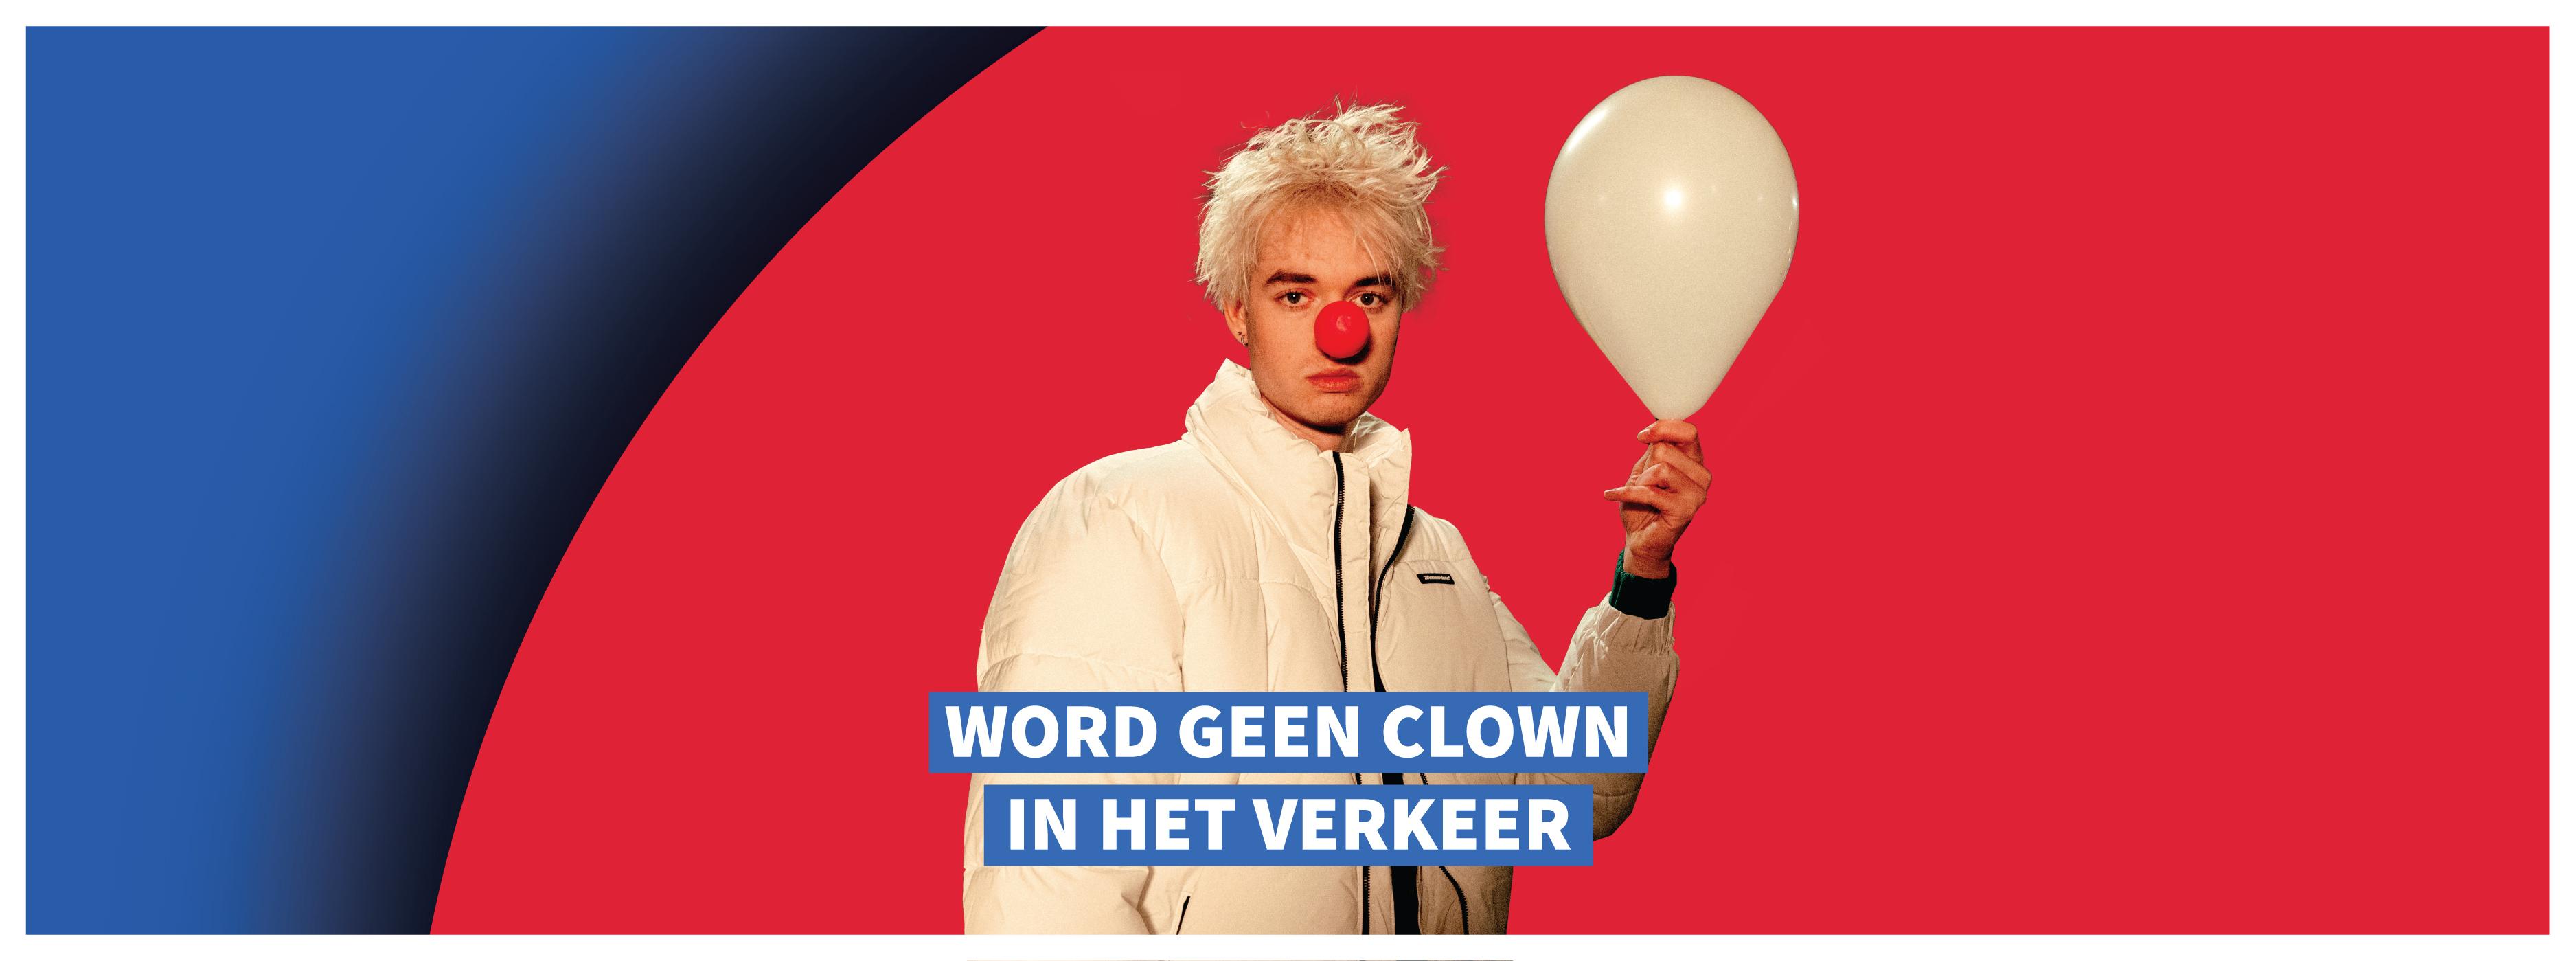 """Jeugdorganisatie TeamAlert: """"Word geen clown in het verkeer"""""""